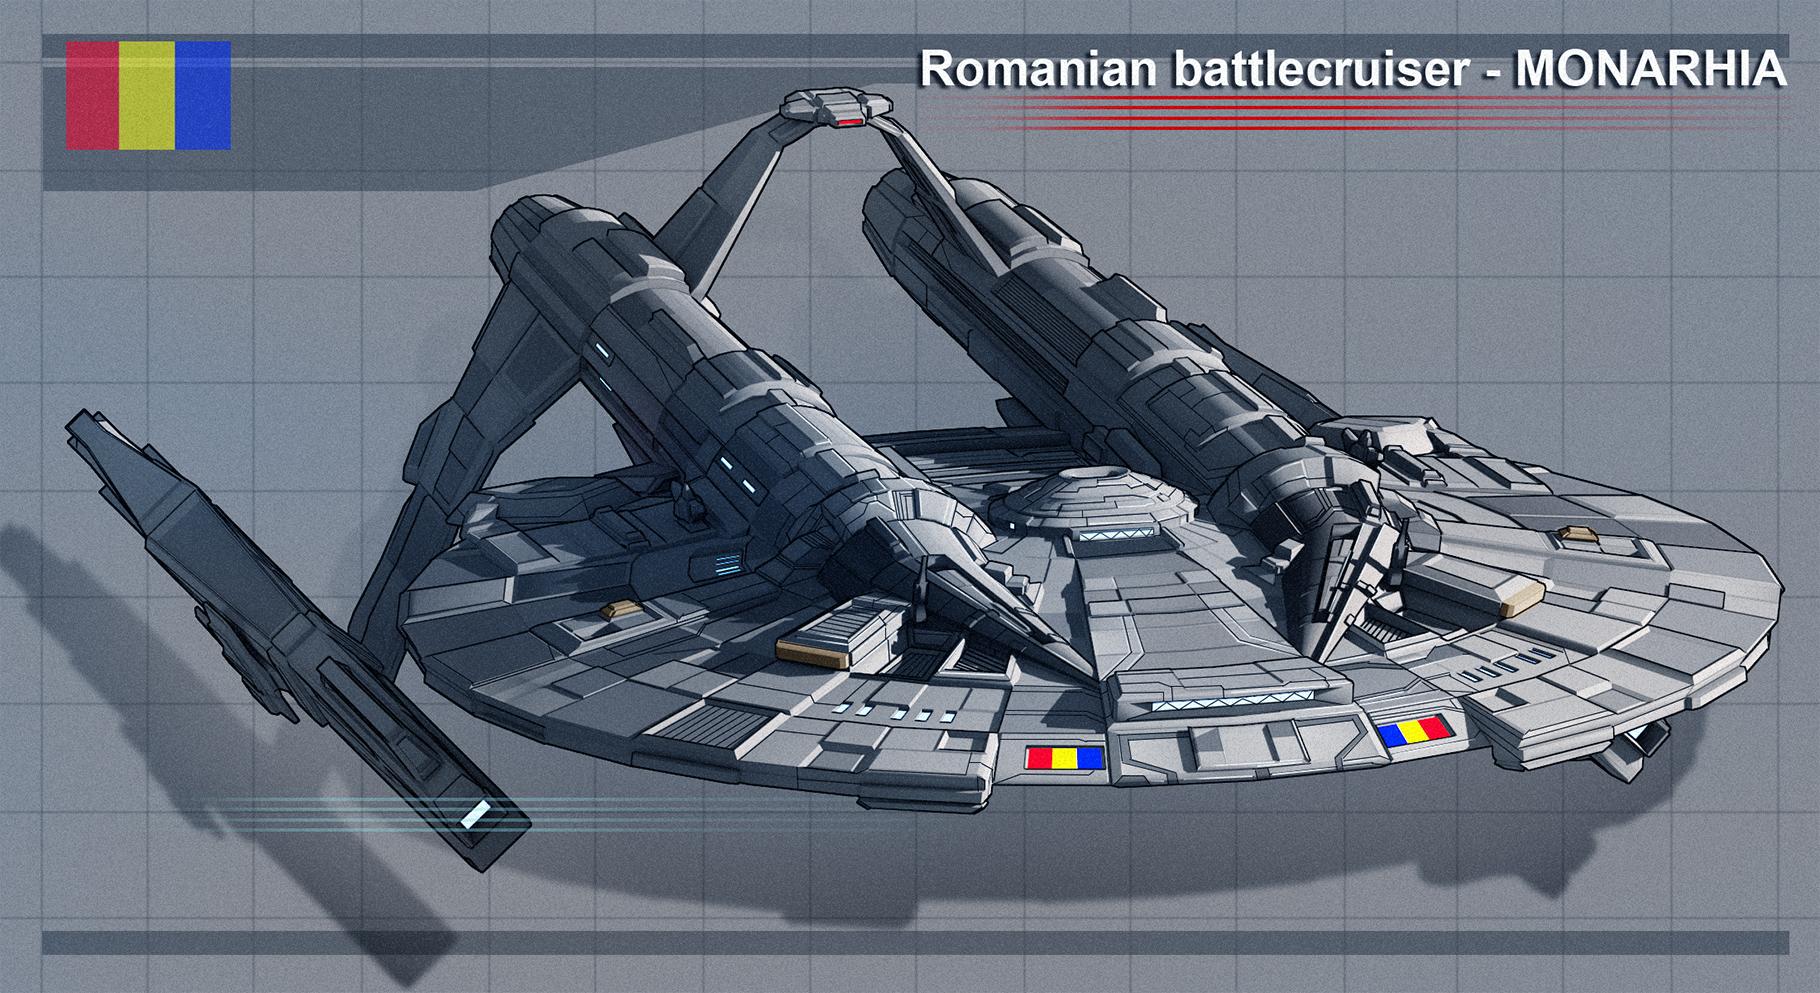 Romanian battlecruiser